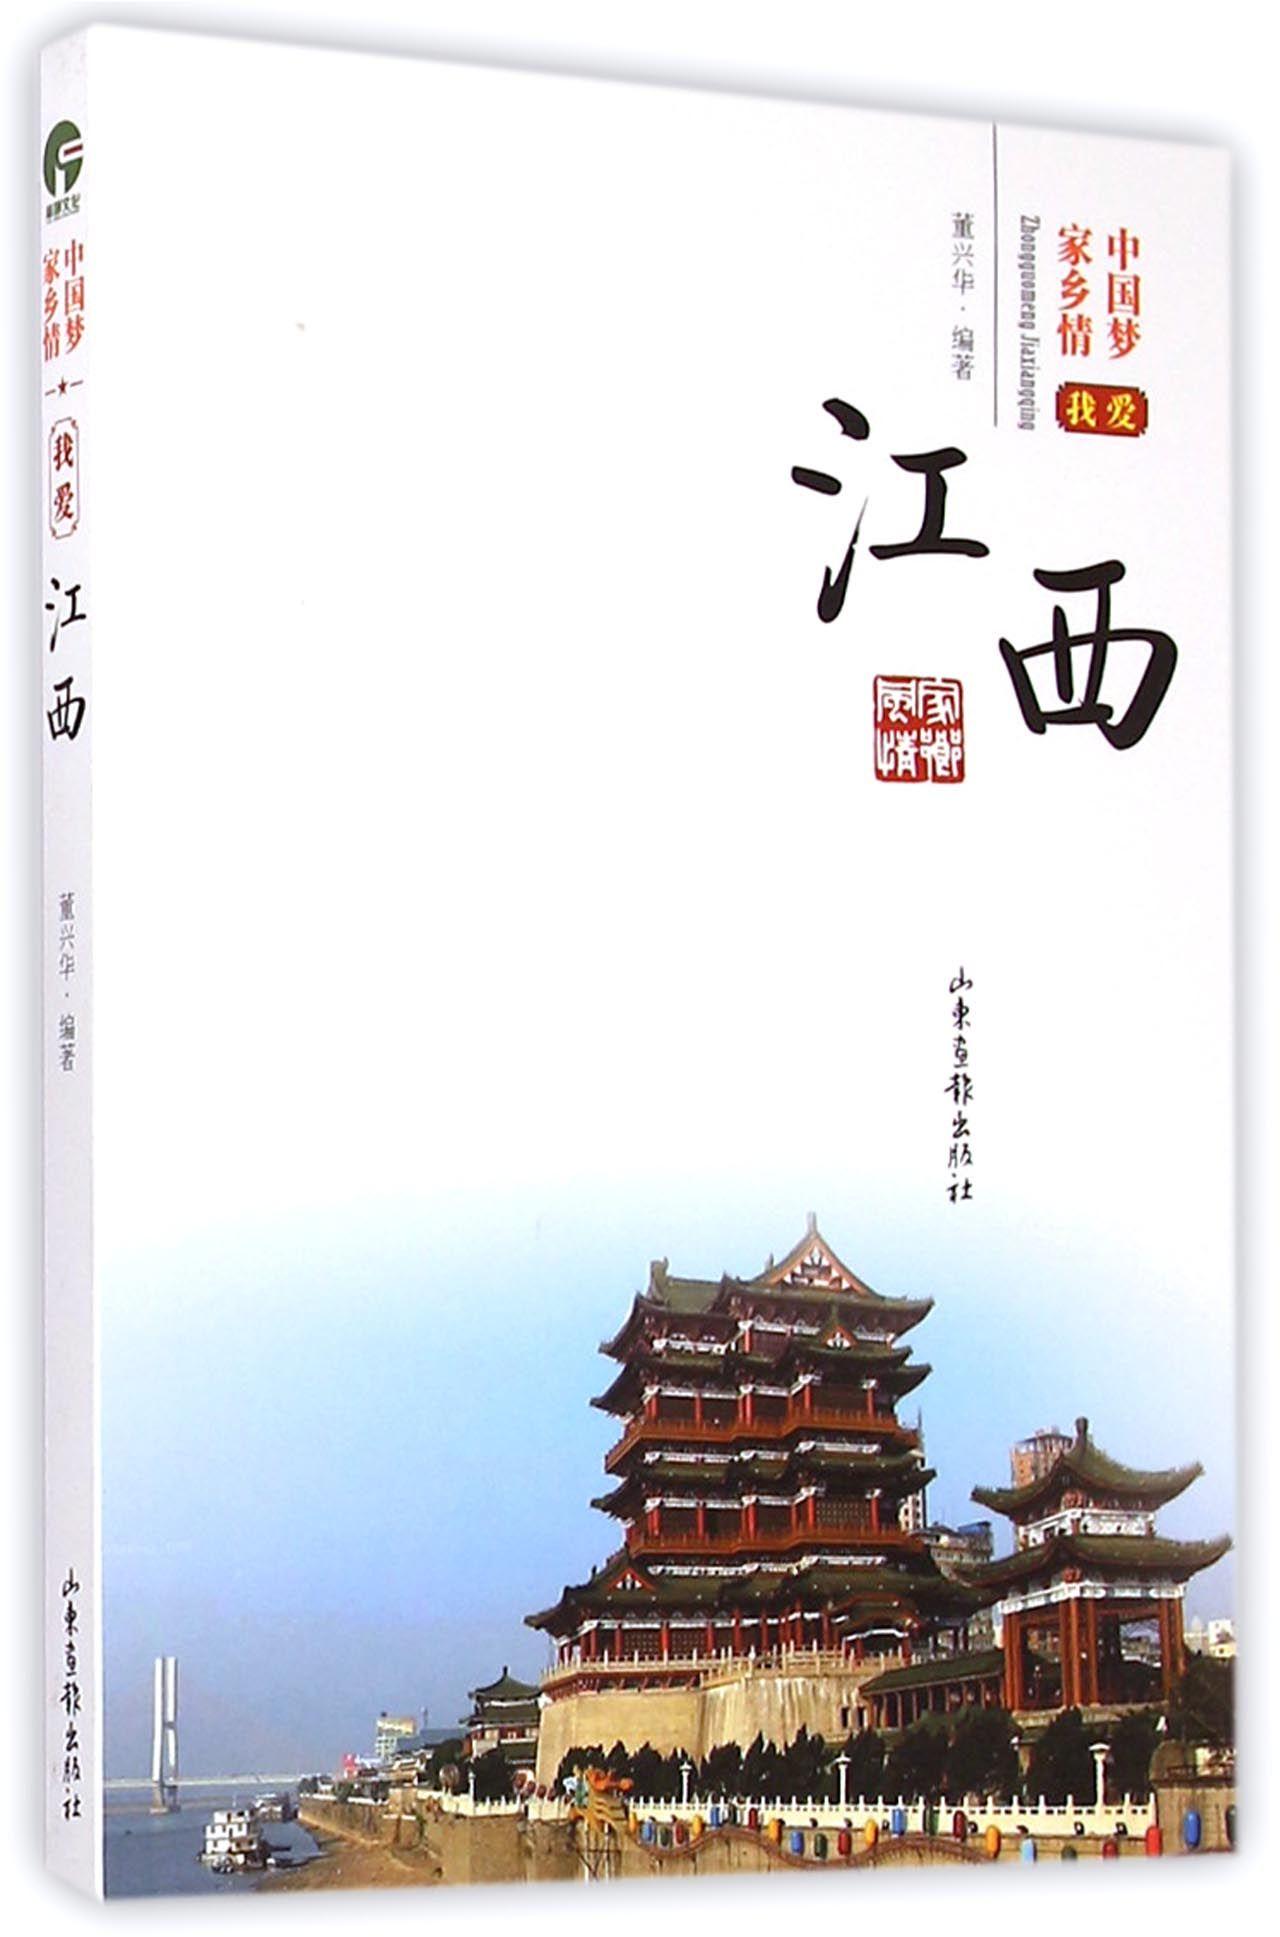 我爱江西/中国梦家乡情